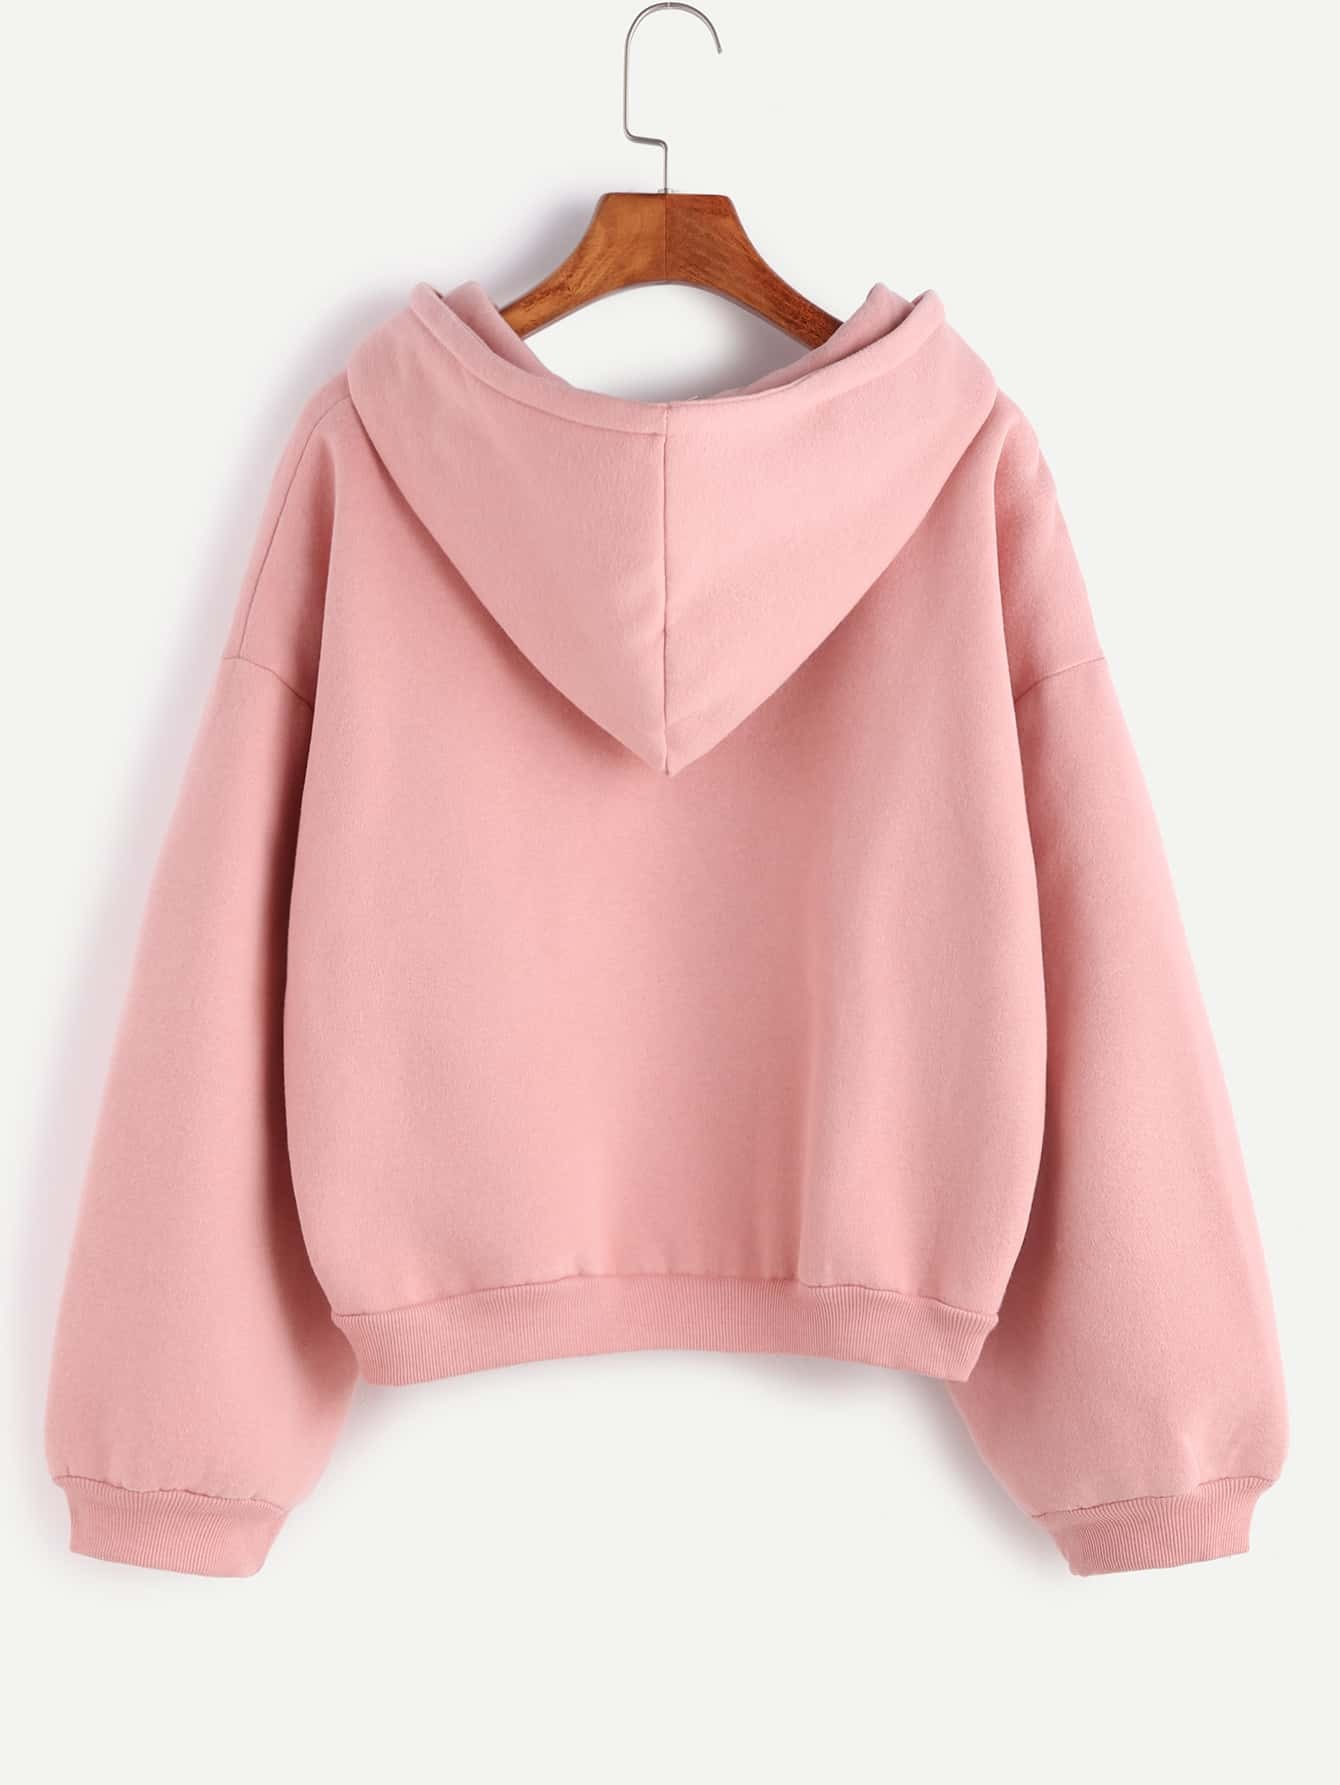 sweatshirt161205104_2